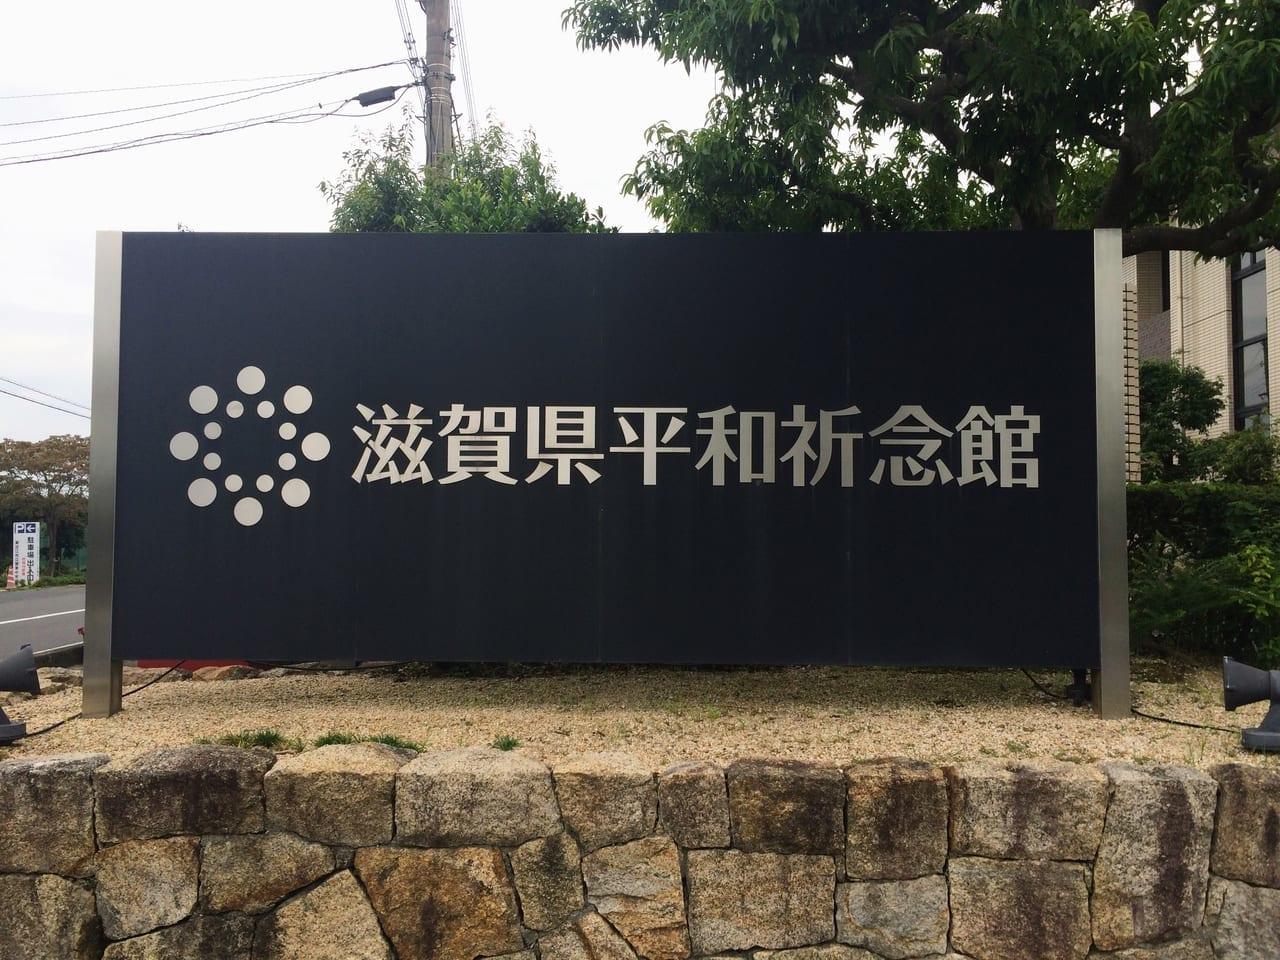 滋賀県平和祈念館の看板